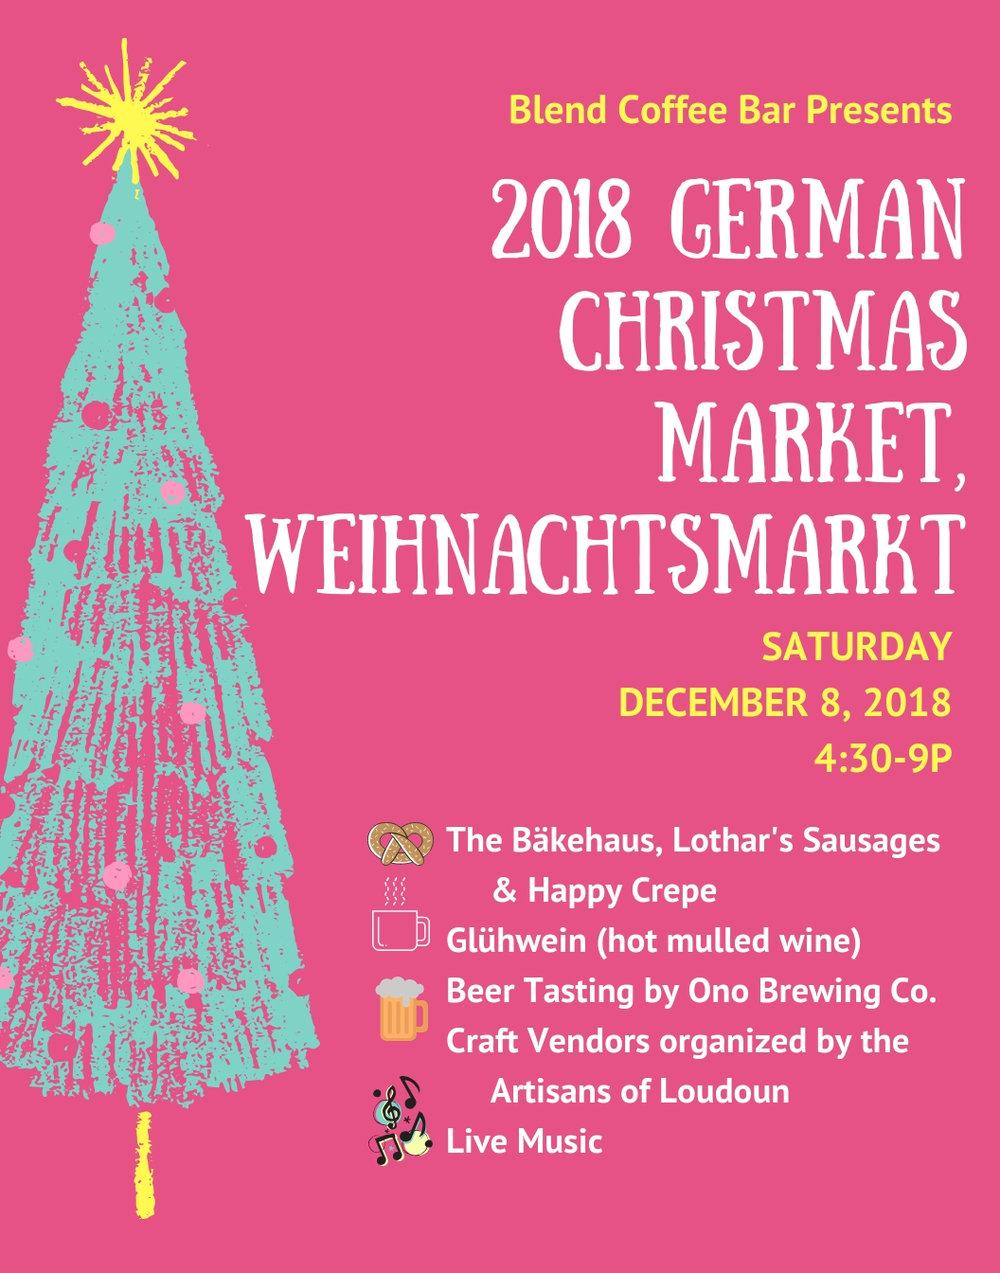 2018 GERMAN CHRISTMAS MARKET, WEINACHTSMARKT.jpg